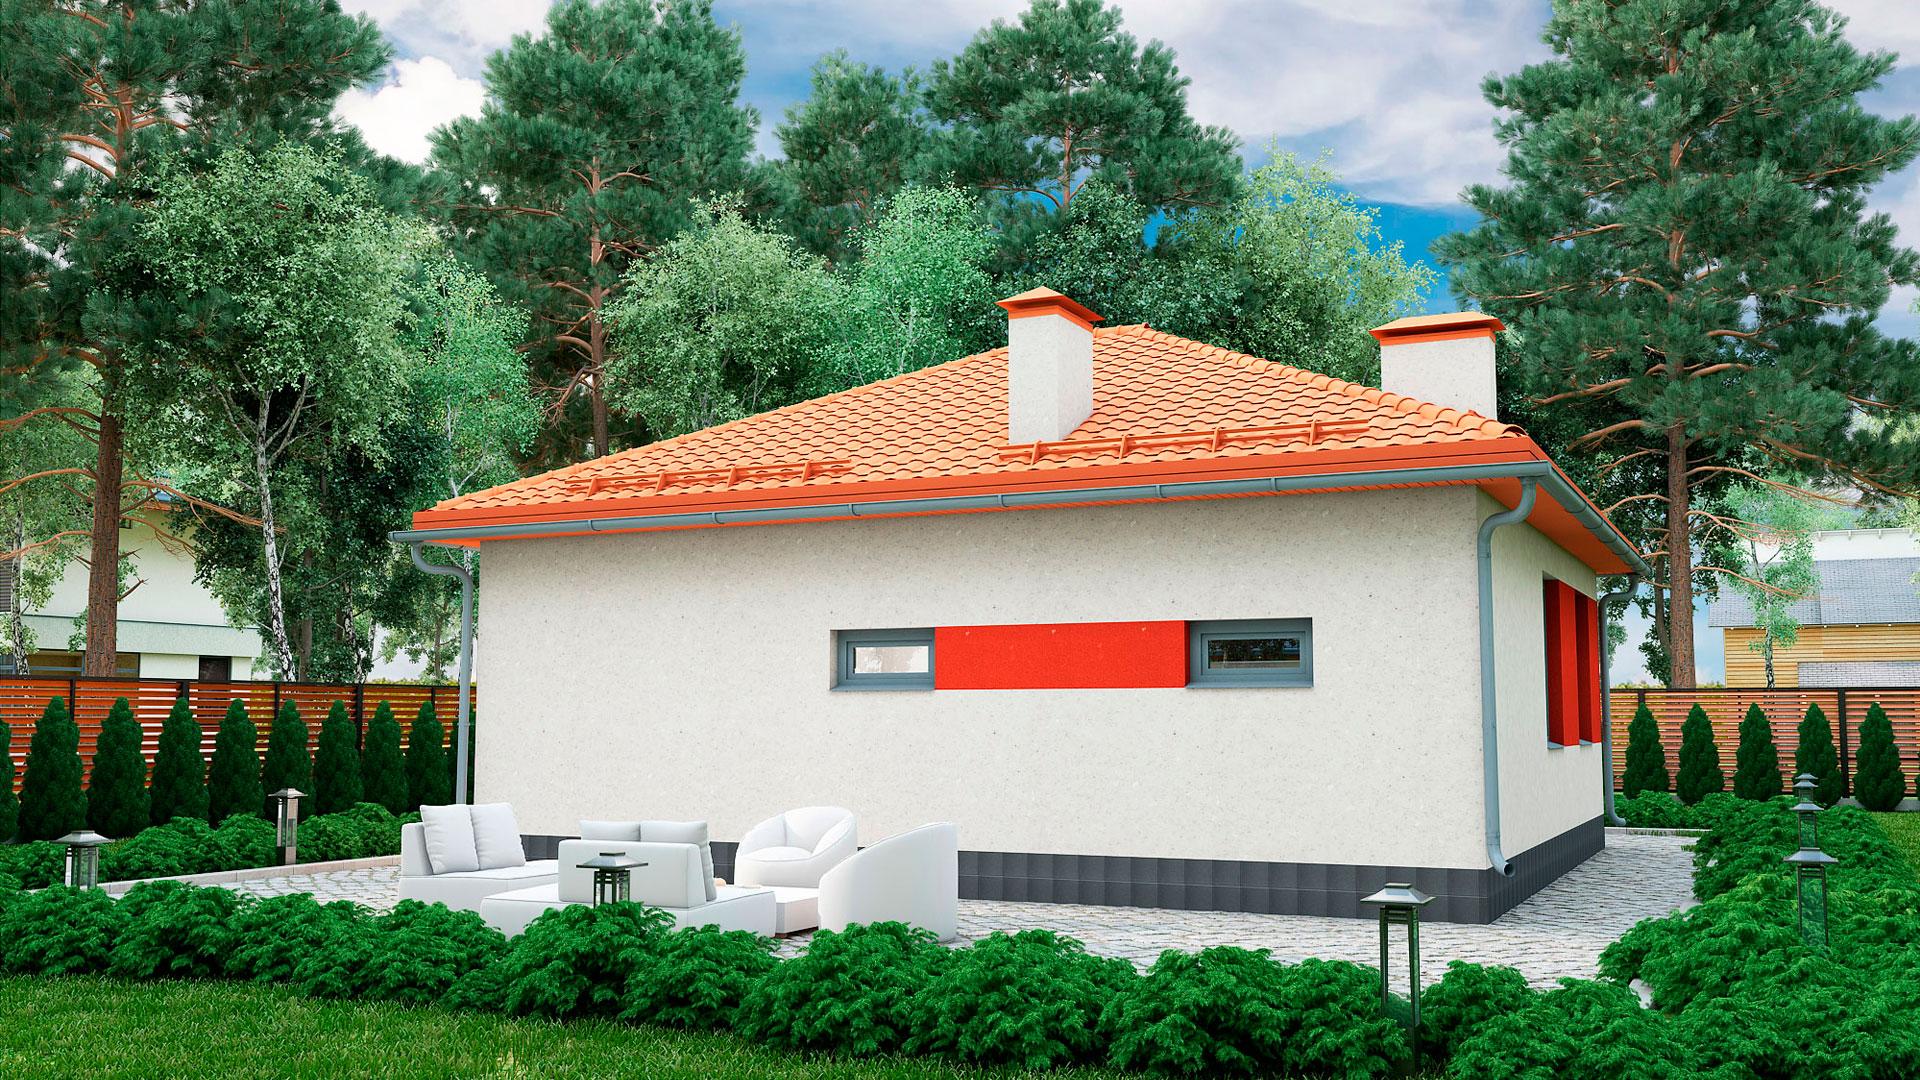 Задний фасад одноэтажного загородного дома БЭНПАН, проект МС-72.